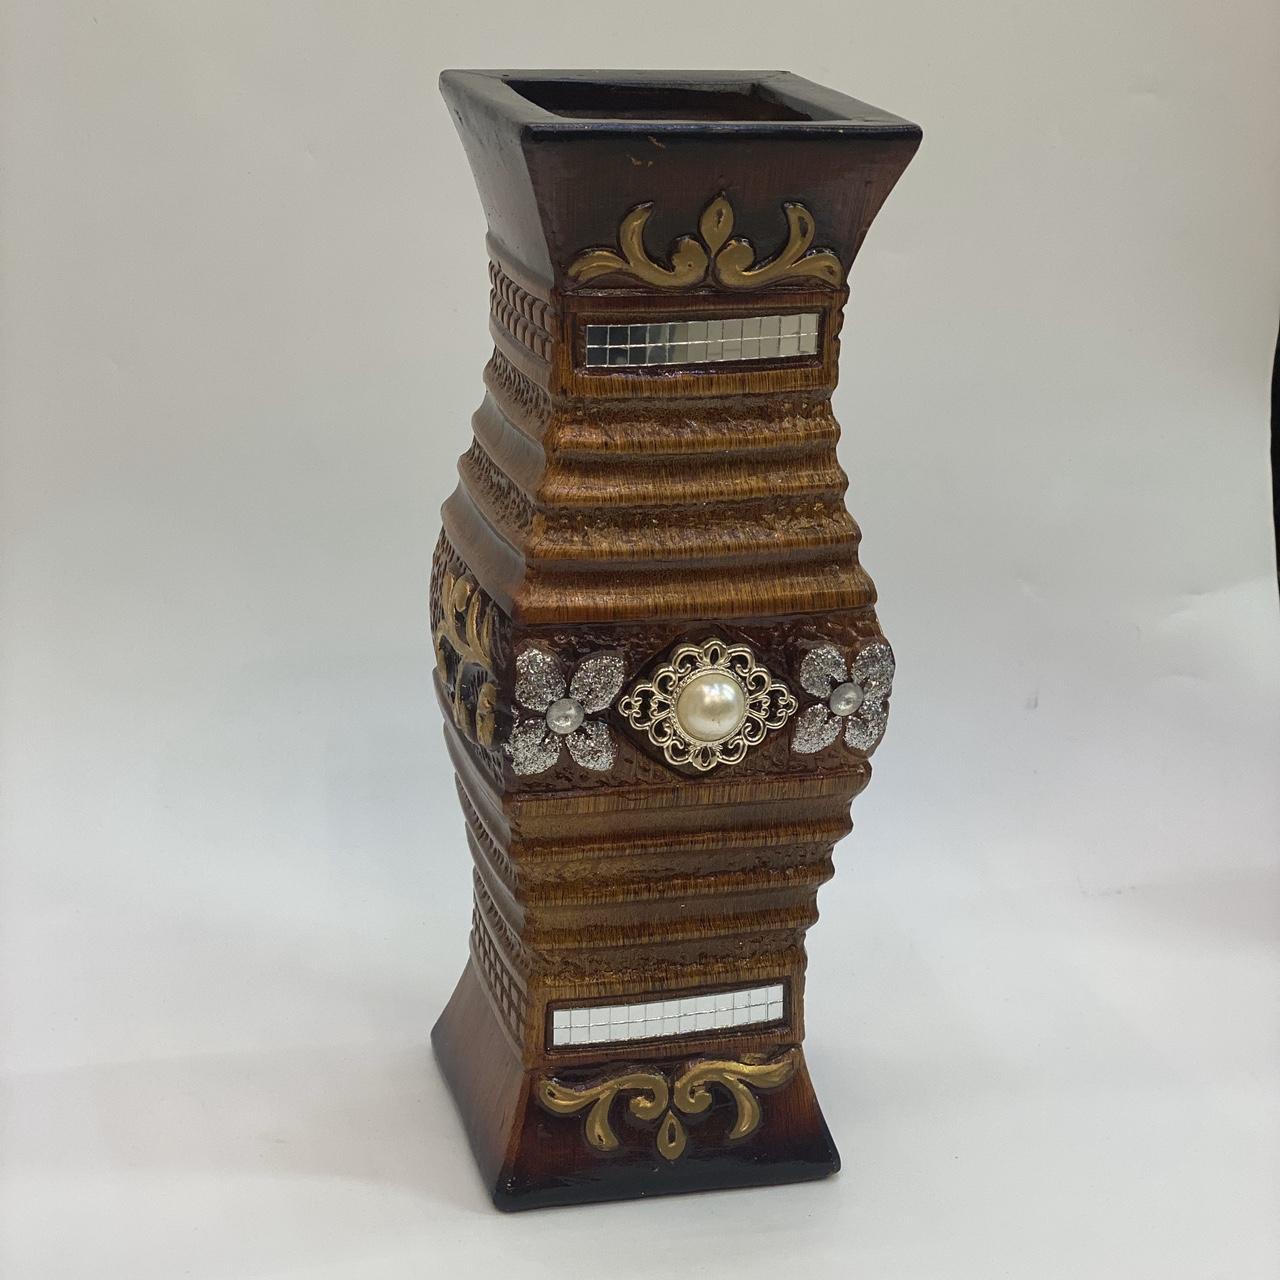 插干花花瓶 30CM陶瓷花瓶 工艺品摆件 花瓶花插漆彩工艺4